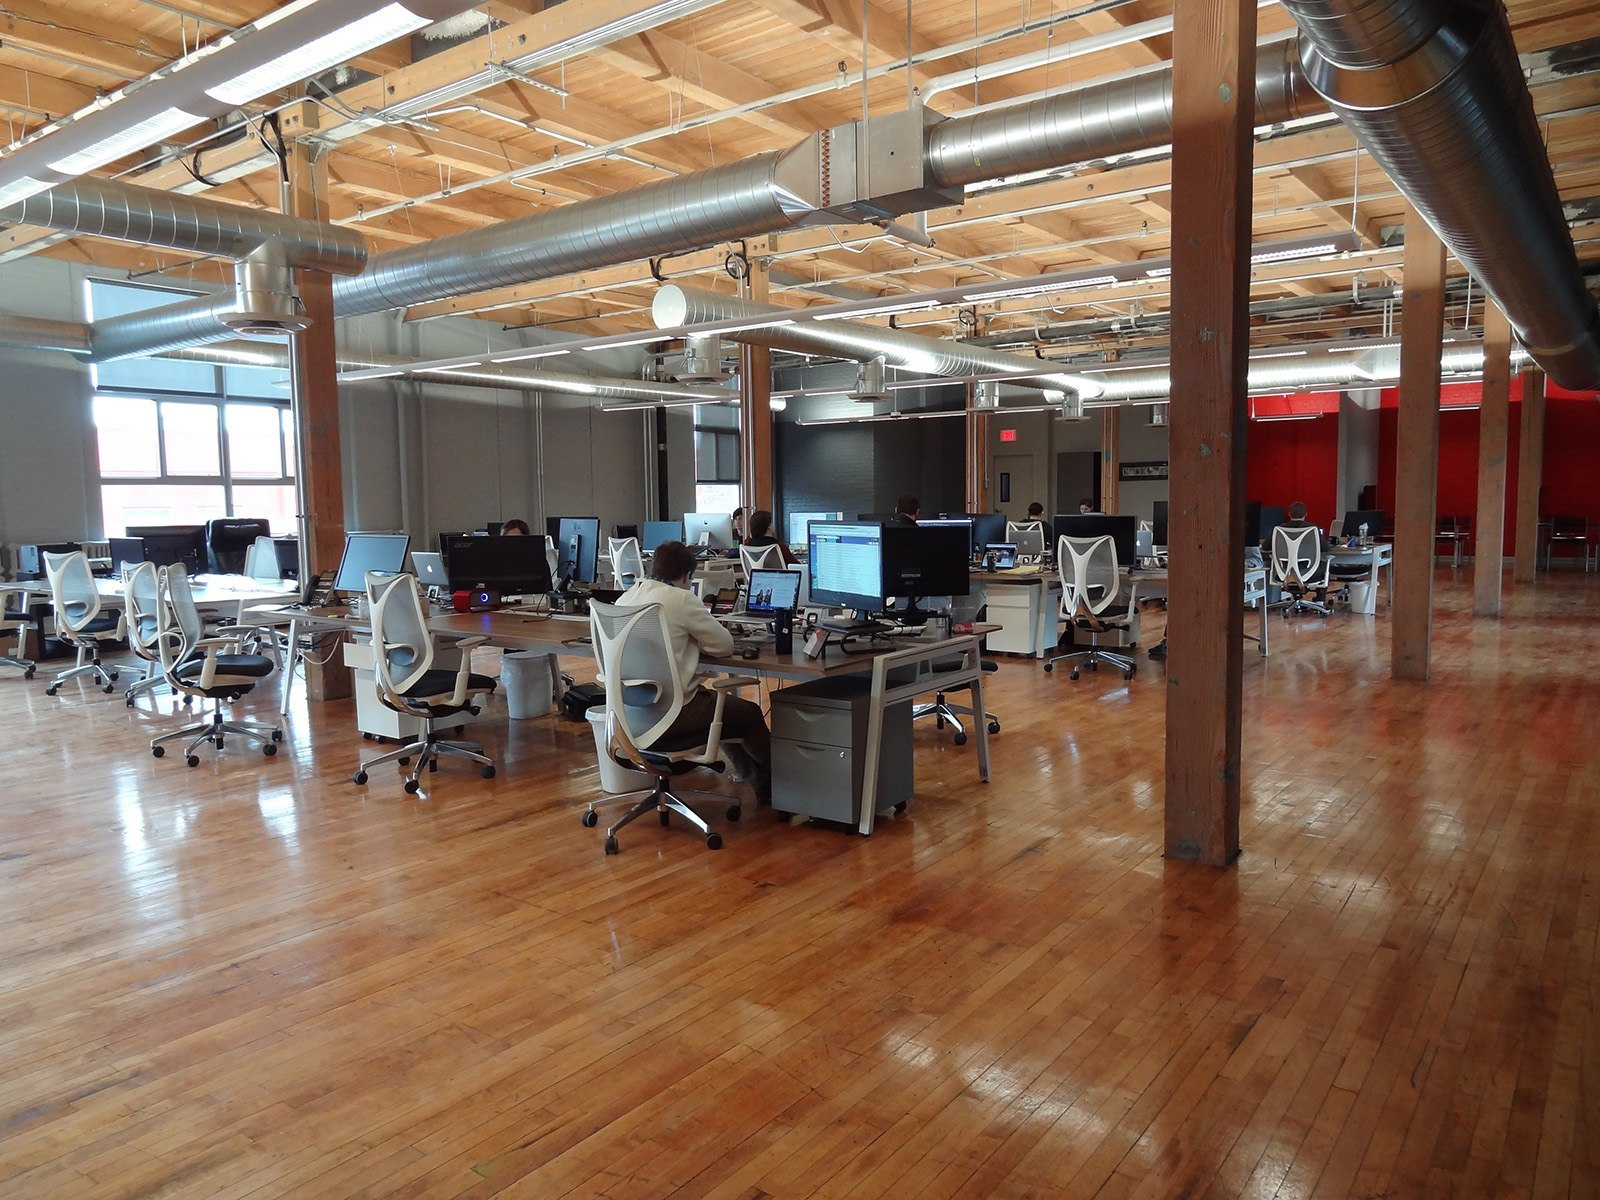 Нова штаб квартира ІТ-шної компанії Rocket 55 з Міннеаполіса. Фото 3